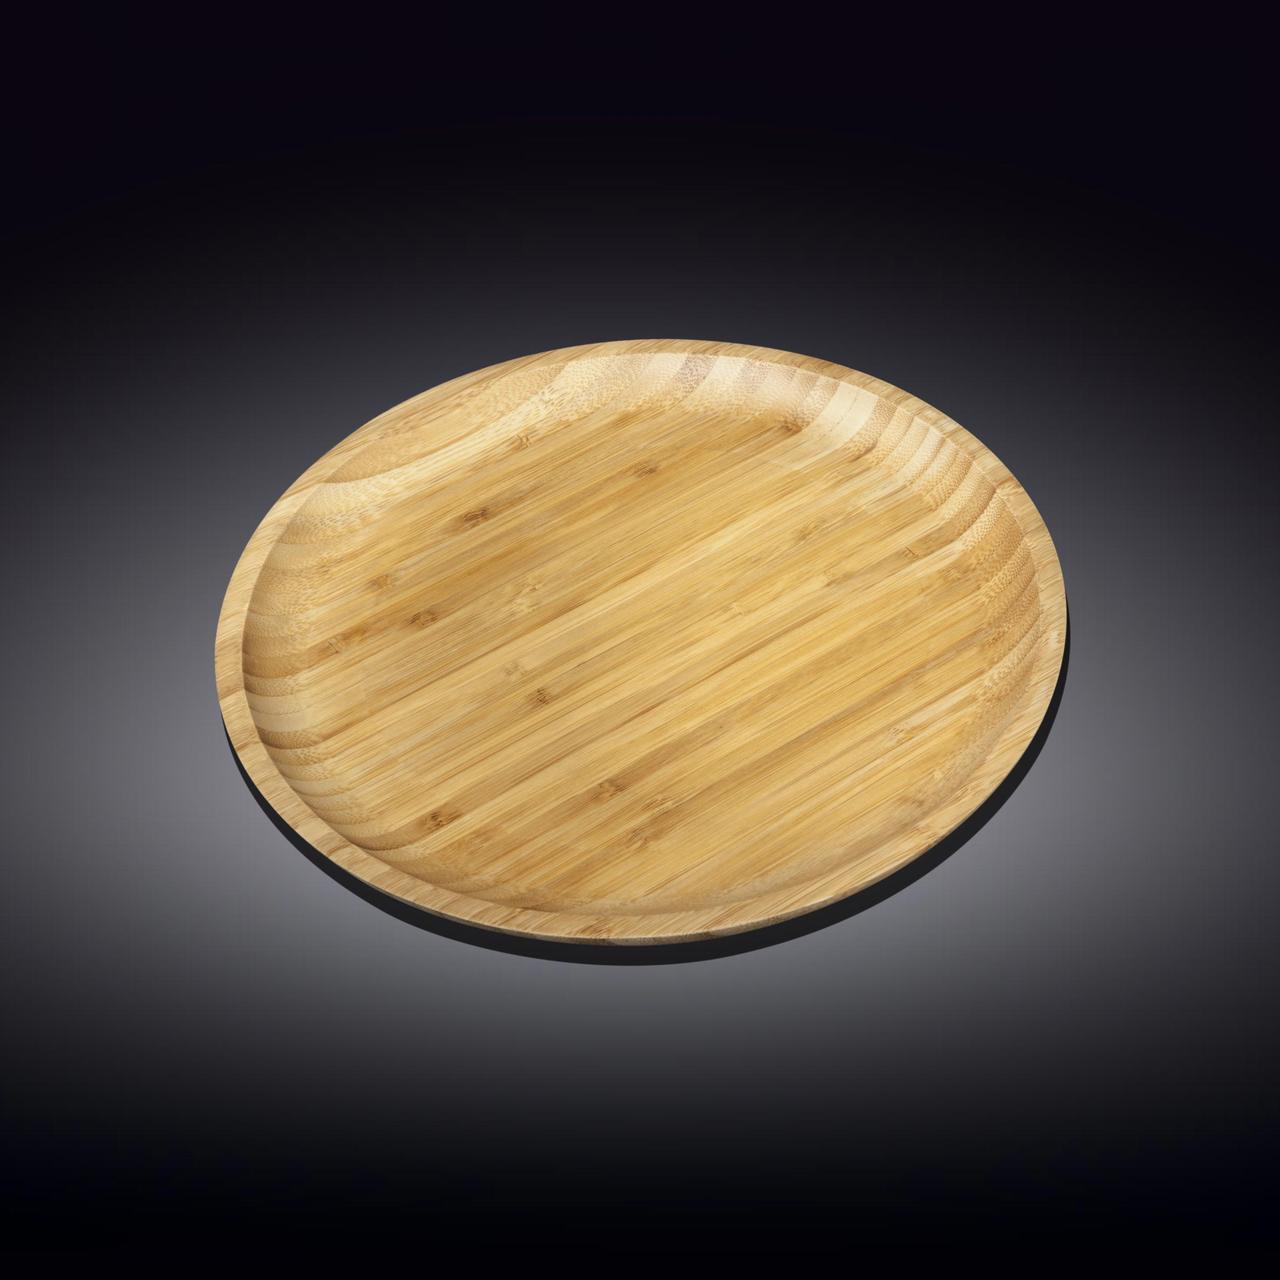 Сервировочное блюдо 25,5 см Wilmax бамбуковое круглое